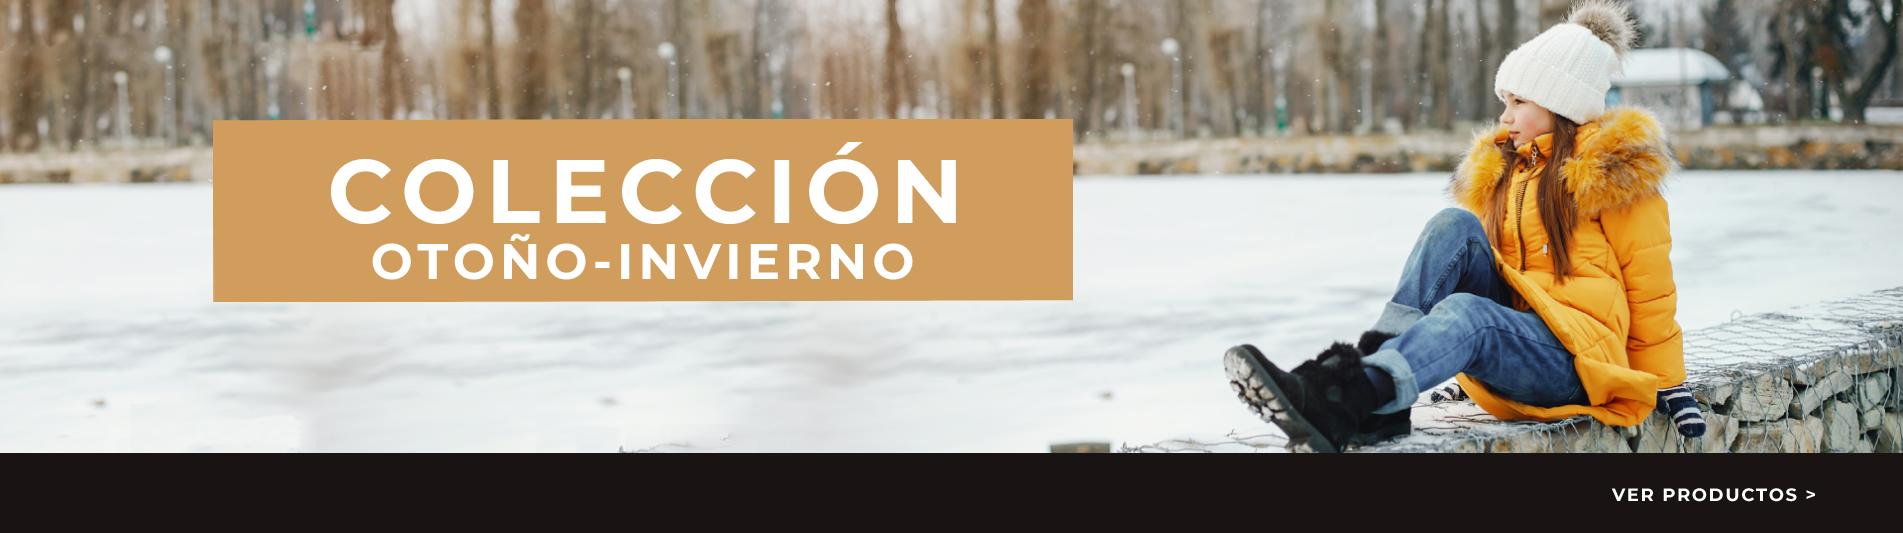 Colección Otoño Invierno